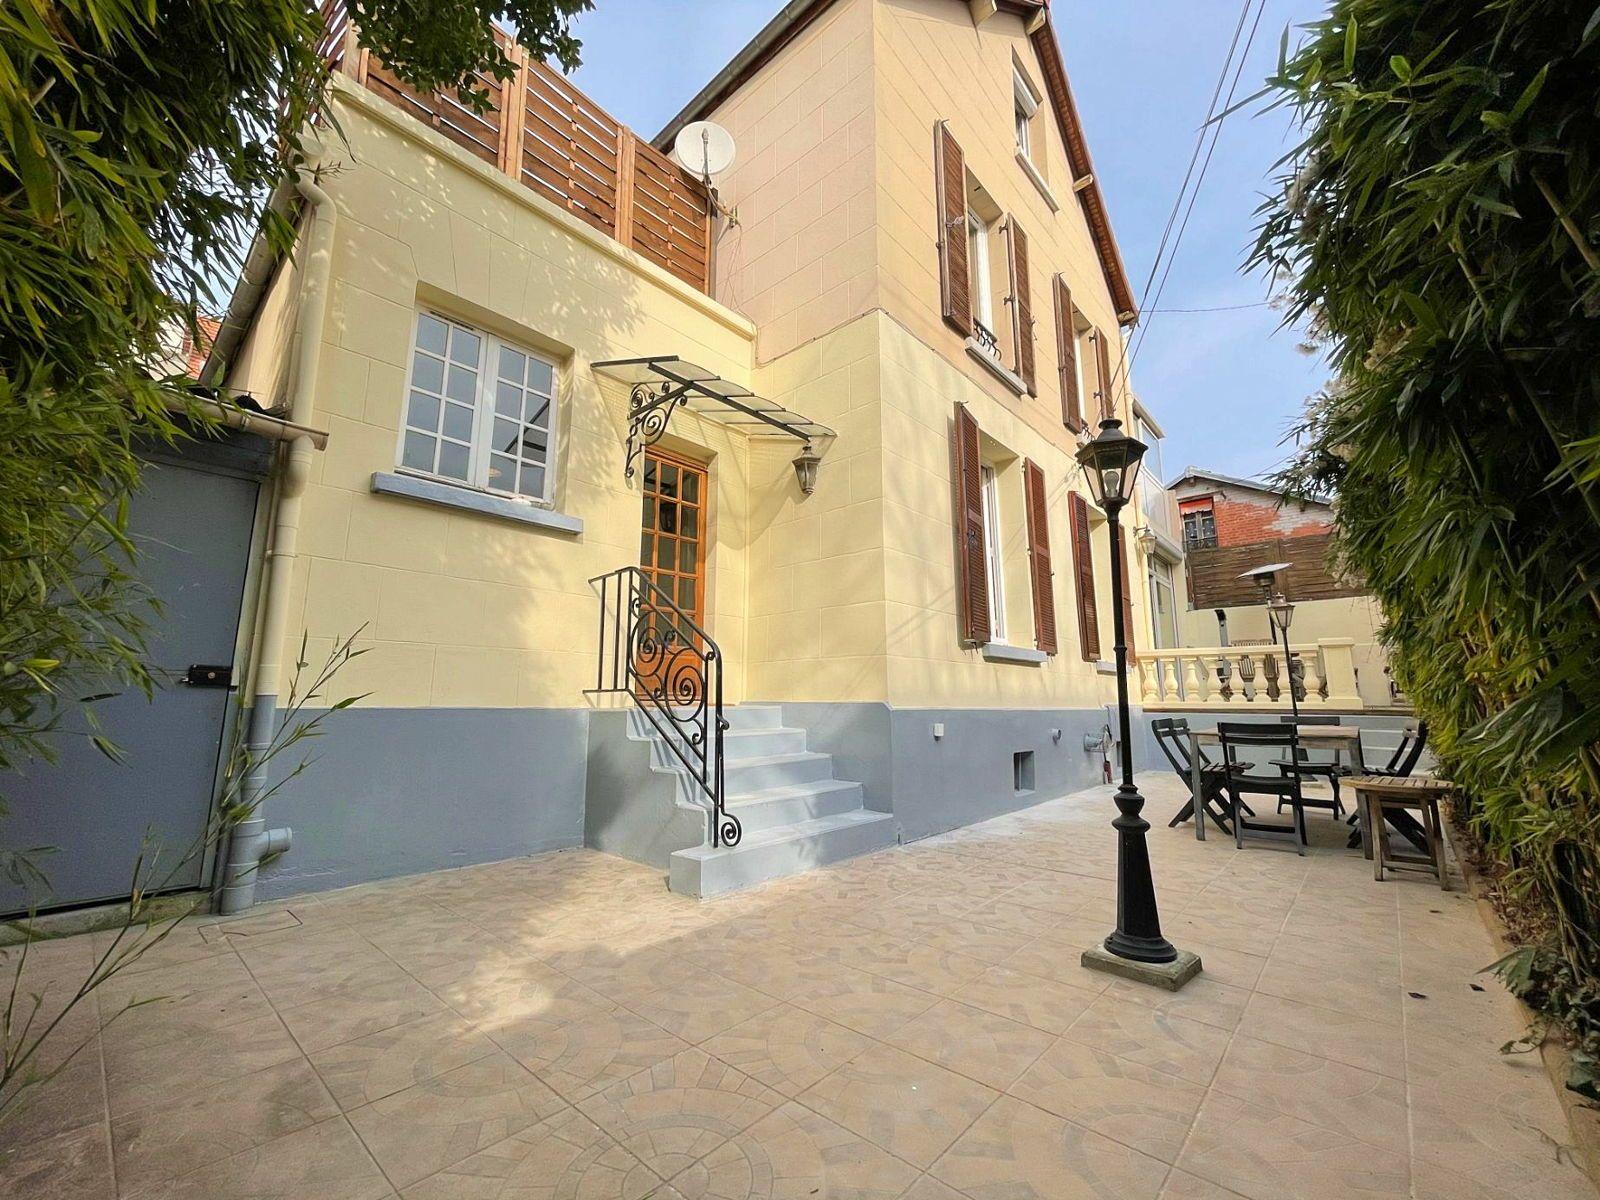 Vends belle maison et son jardin au calme - 3chambres, 109m² - Bois-Colombes (92270)